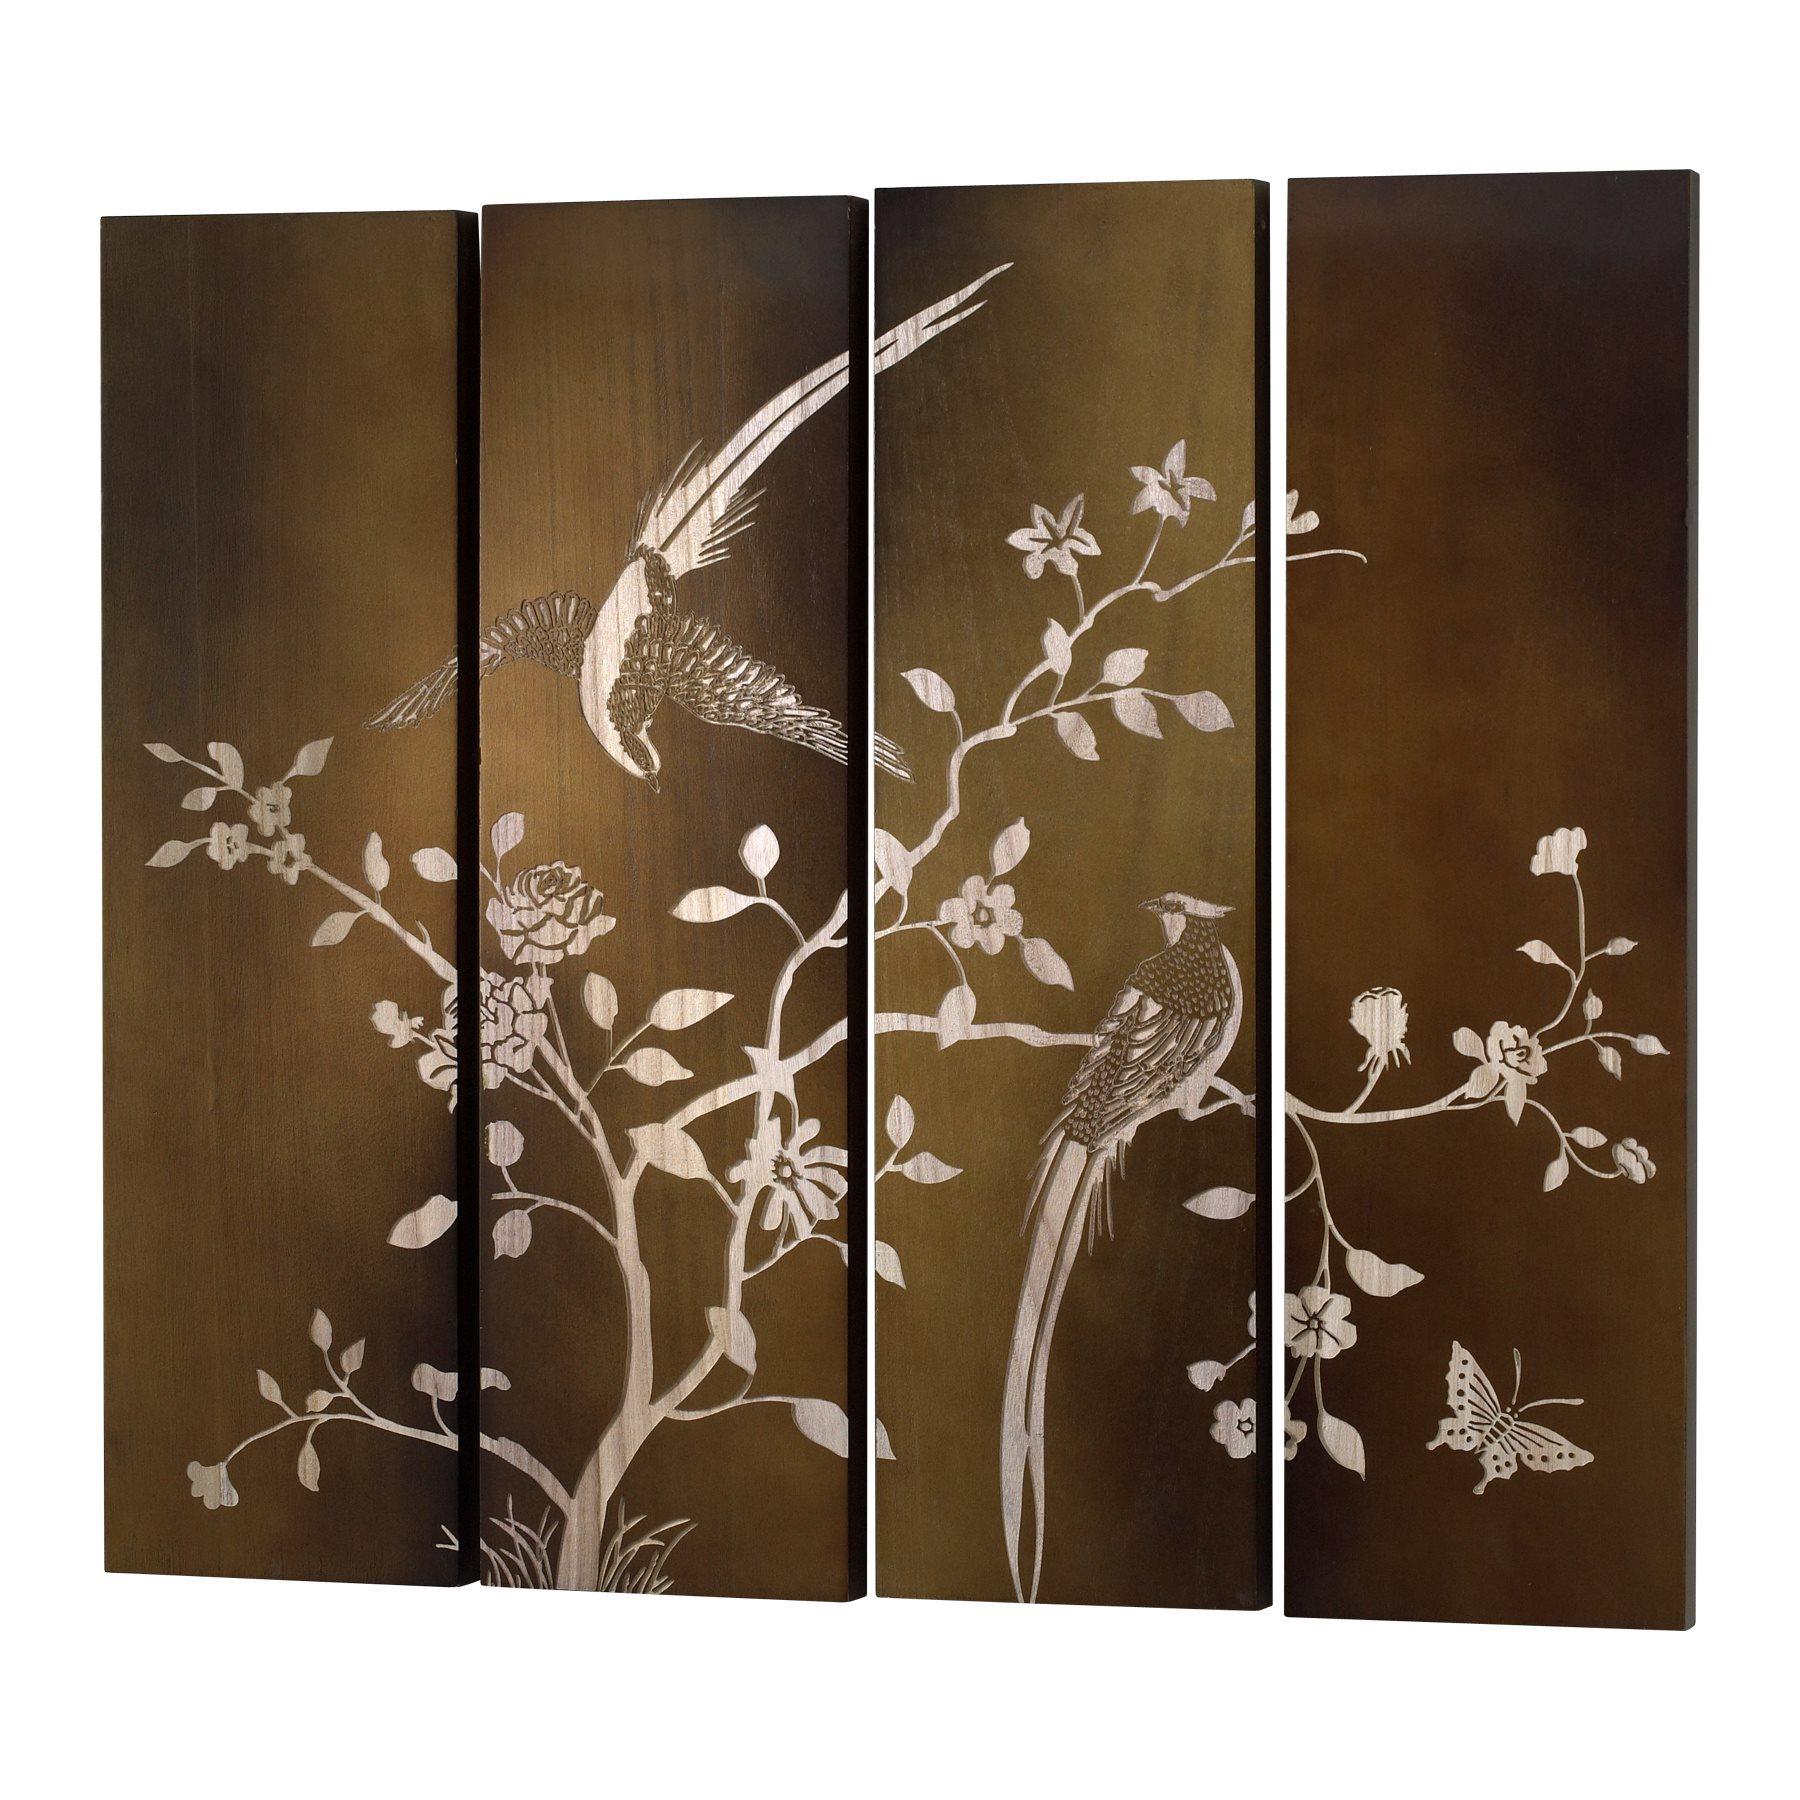 Bird panels wall decor : Cyan design spring bird panels wall art pack of